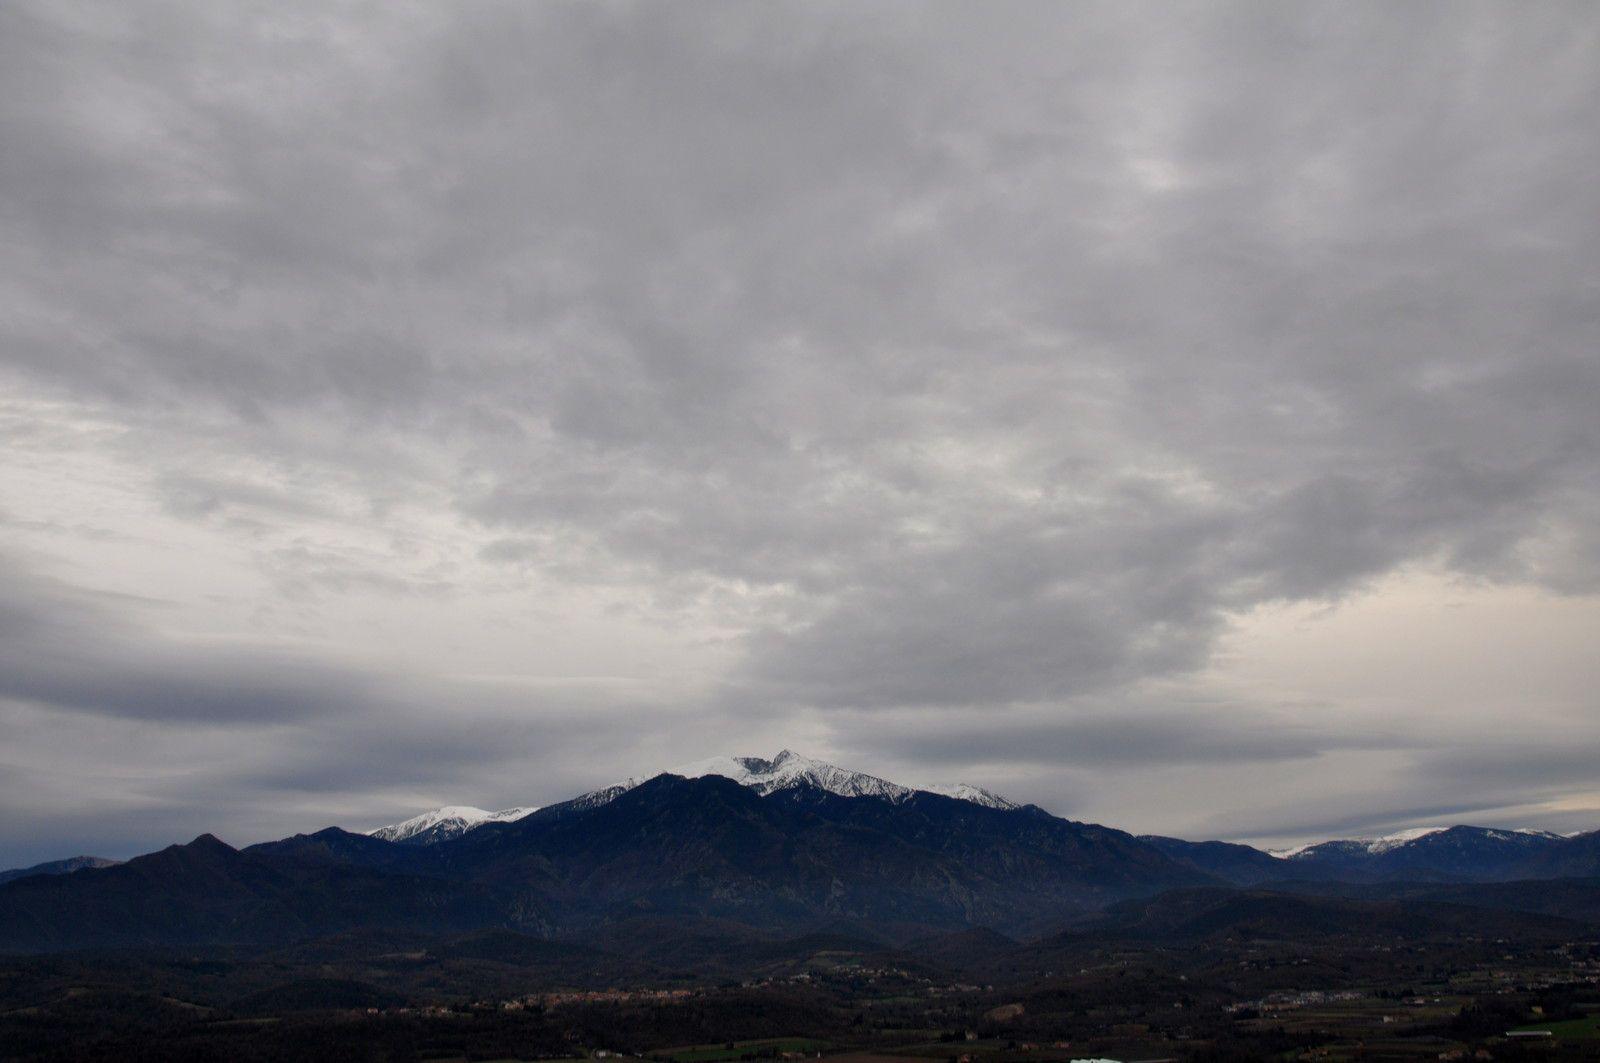 Le Canigou avec les nuages.